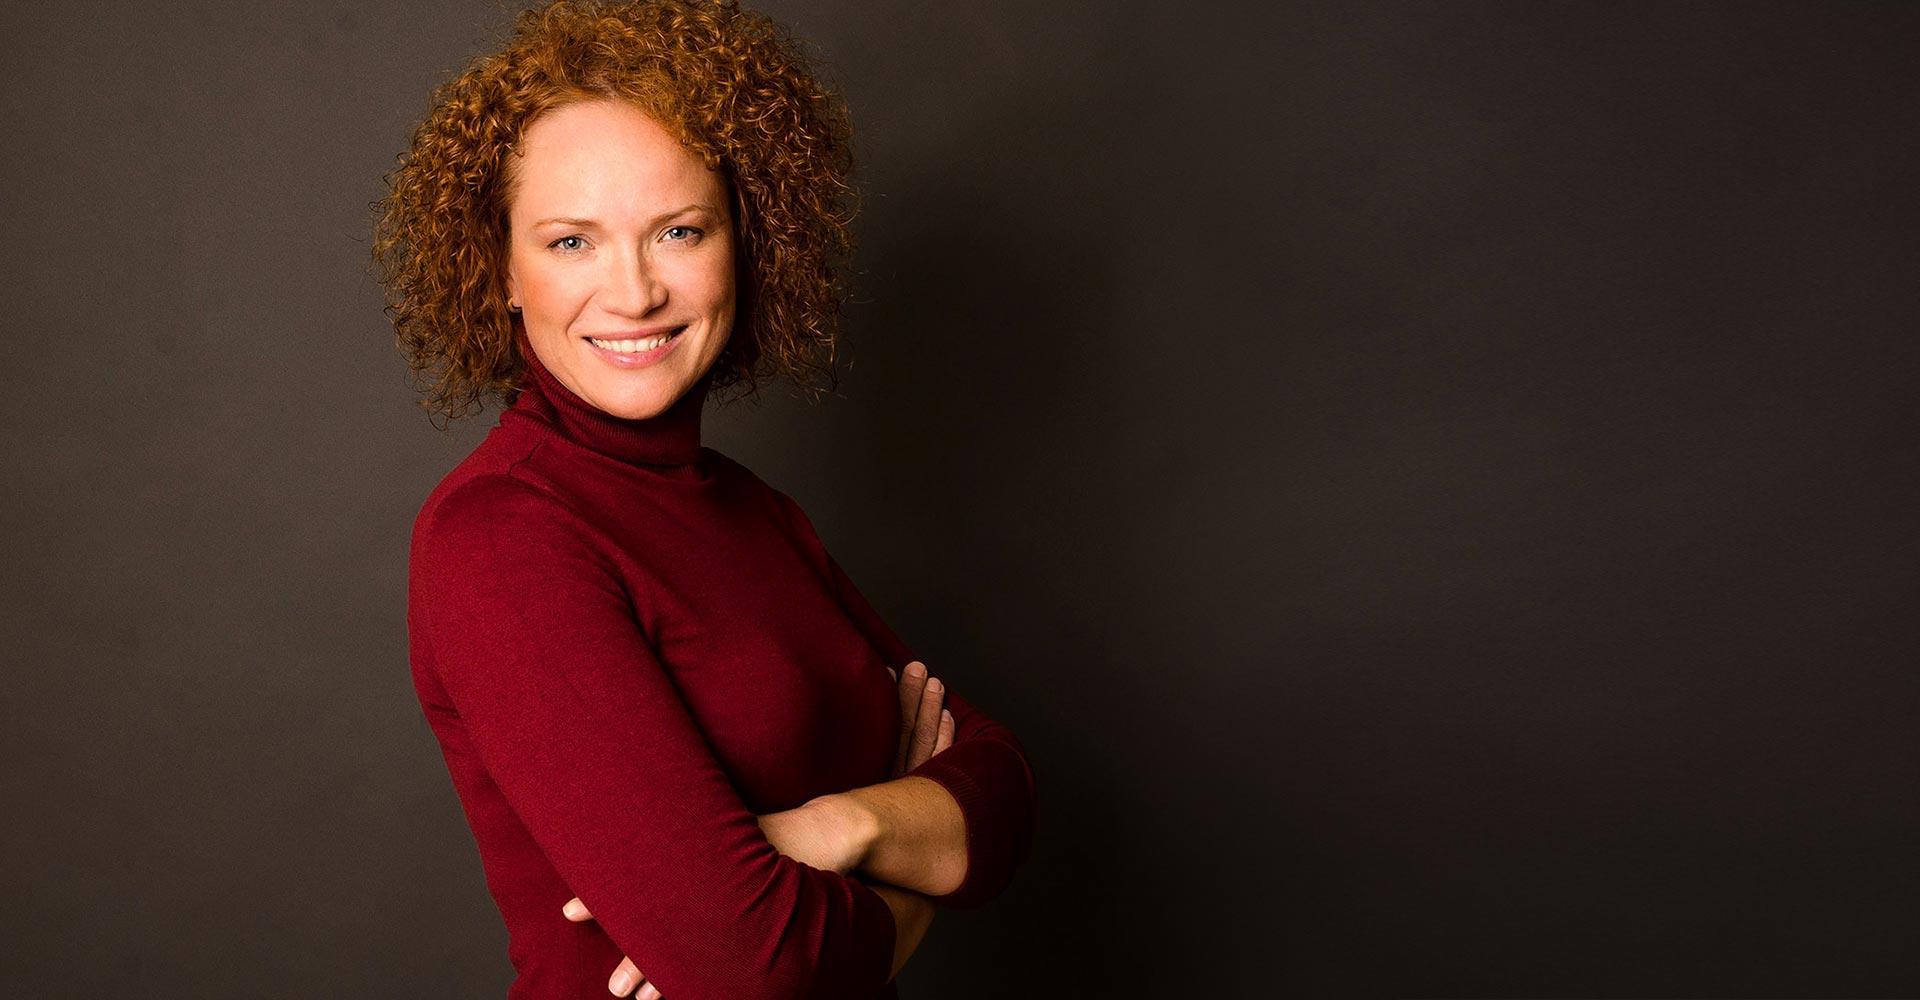 Heike Straub, Bella Presenza Make-Up Artist & Hairstyle Expert